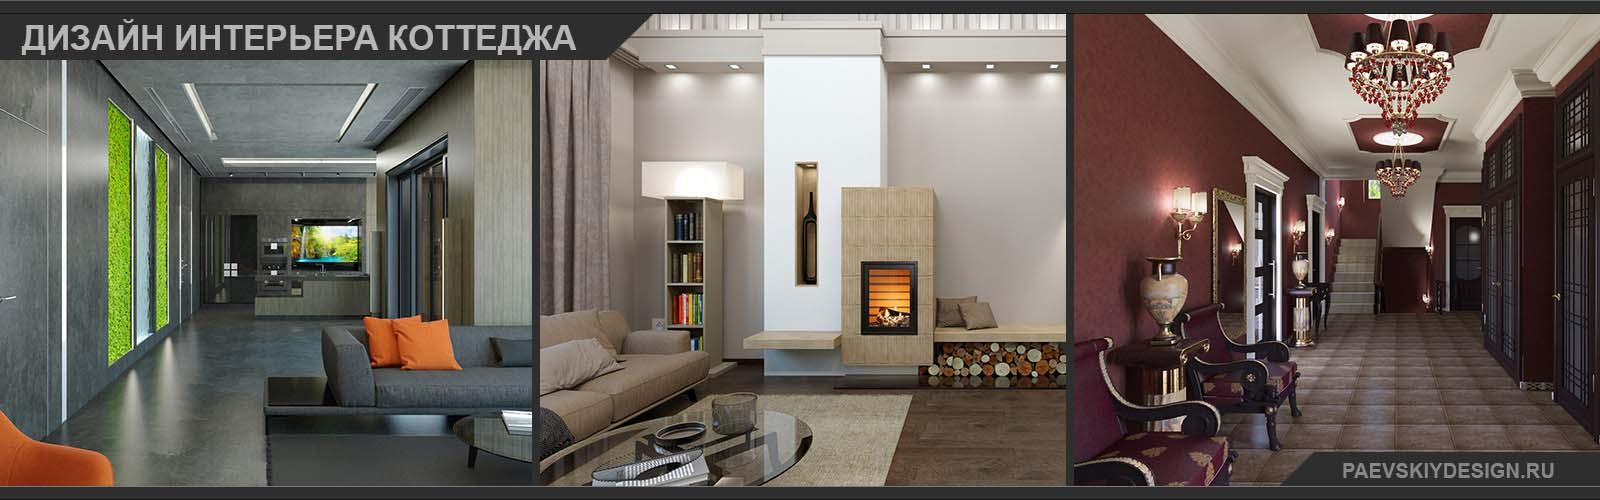 Дизайн проект коттеджа Заказать дизайн проект интерьера коттеджа загородного дома под ключ Дизайн коттеджей домов в Москве